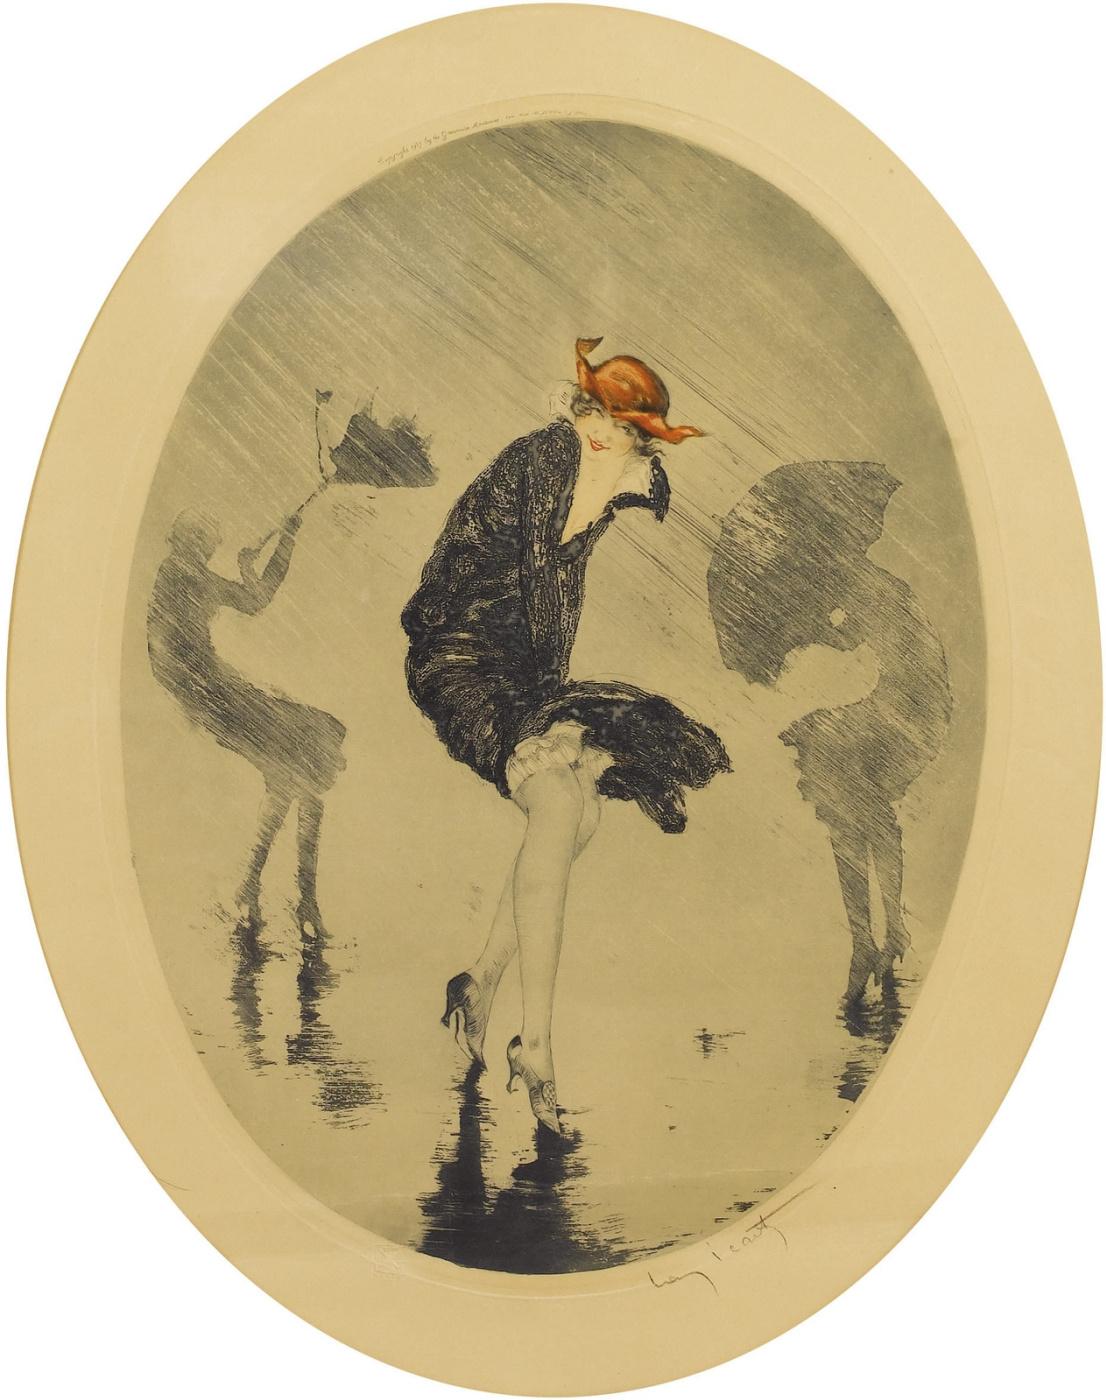 Икар Луи Франция 1888 - 1950. Дождь. 1925